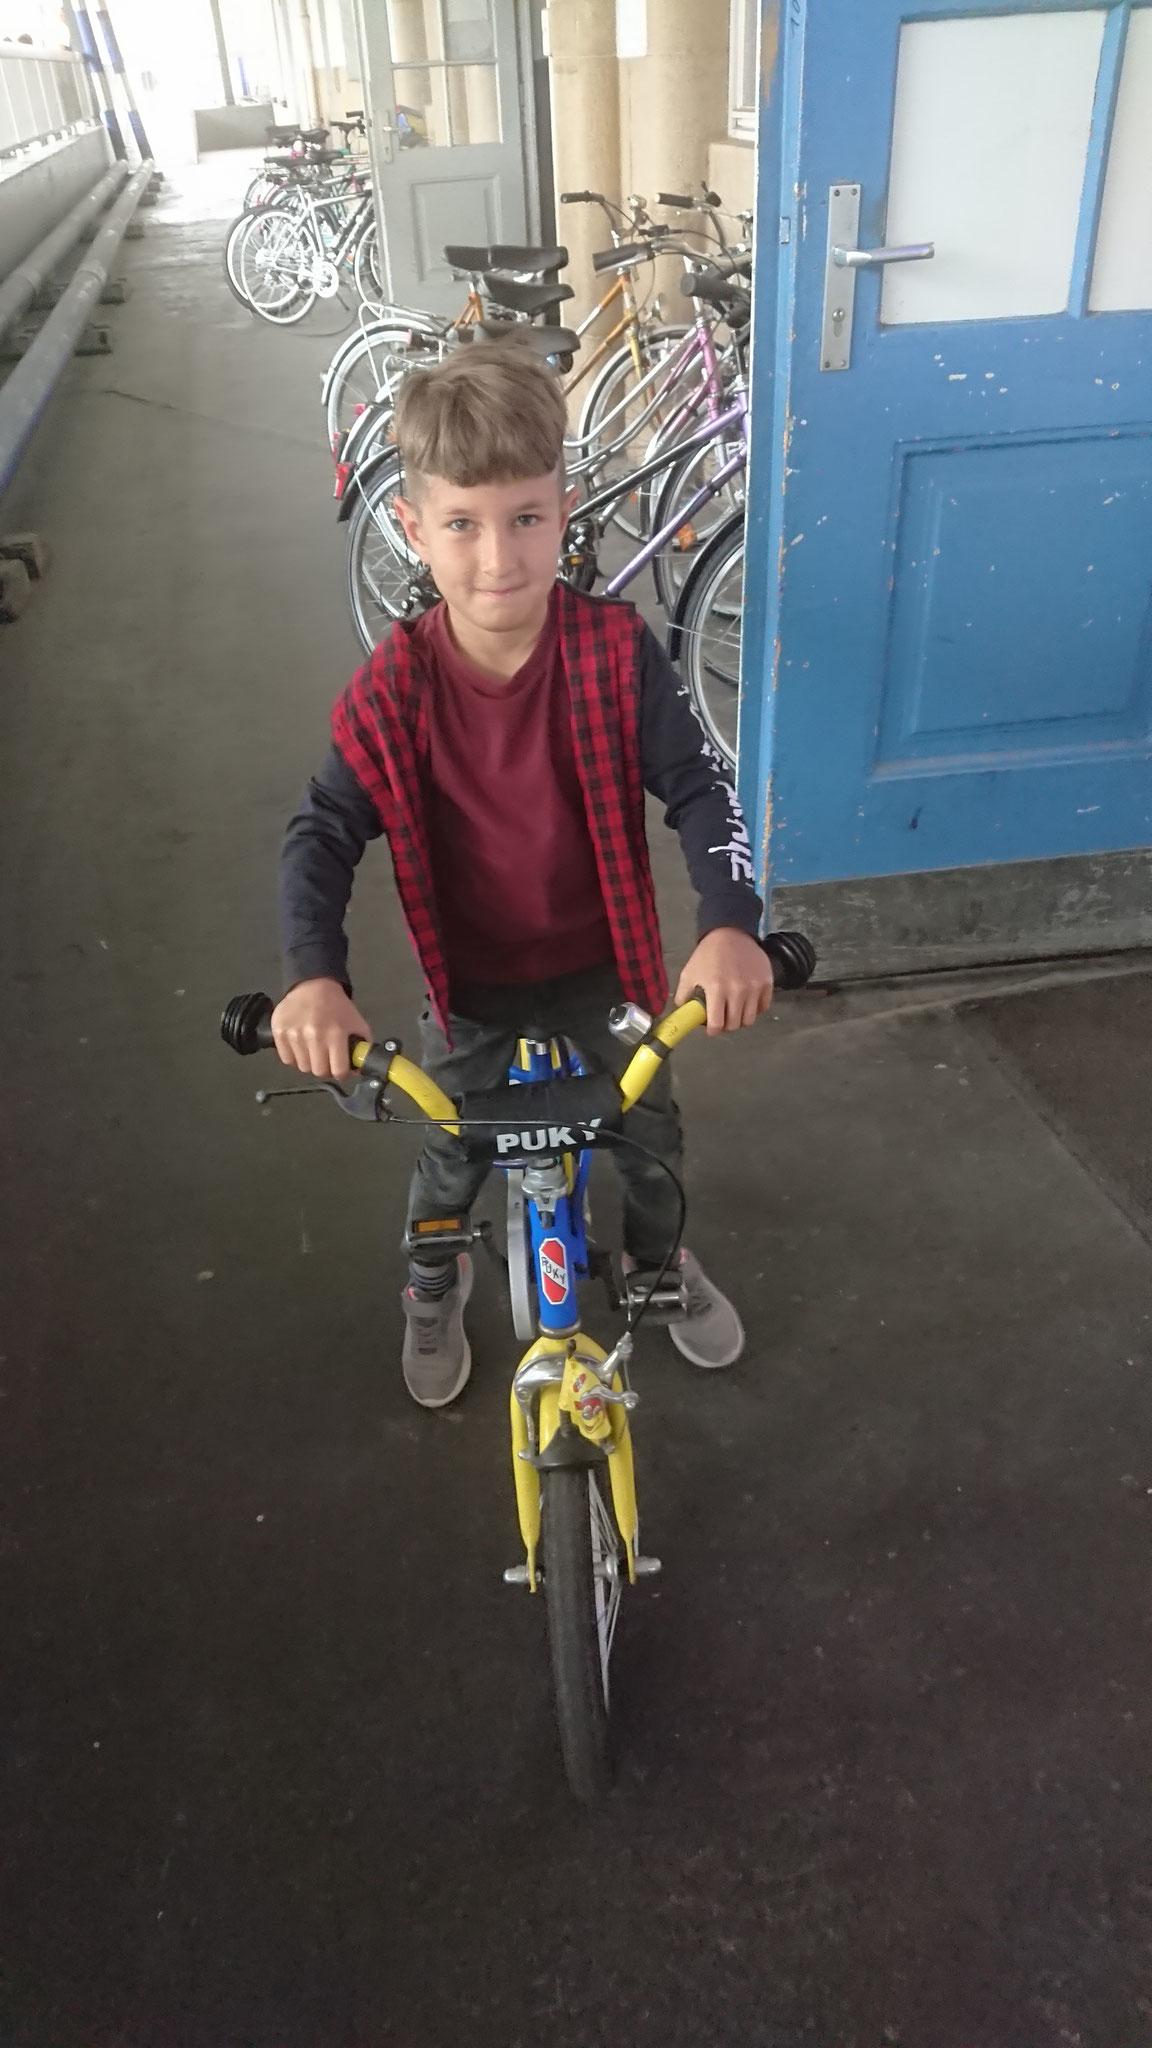 Der vierjährige Junge freut sich über das Fahrrad, gespendet vom FFF.